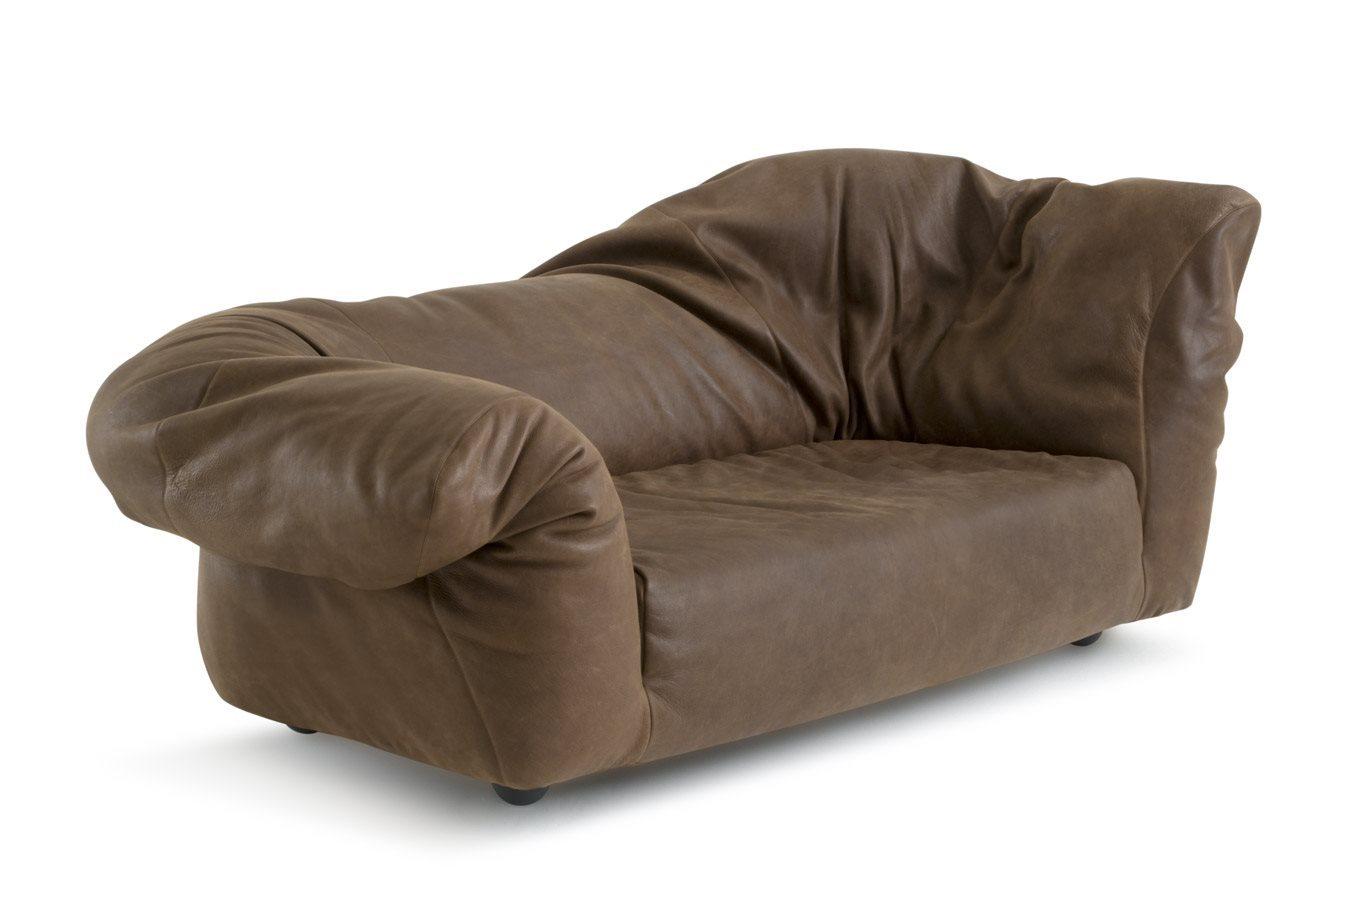 Full Size of Schillig Sofa Wk Englisch Mit Holzfüßen Patchwork Big Grau Comfortmaster Led Kolonialstil Günstig Kaufen Kunstleder Sofa Zweisitzer Sofa